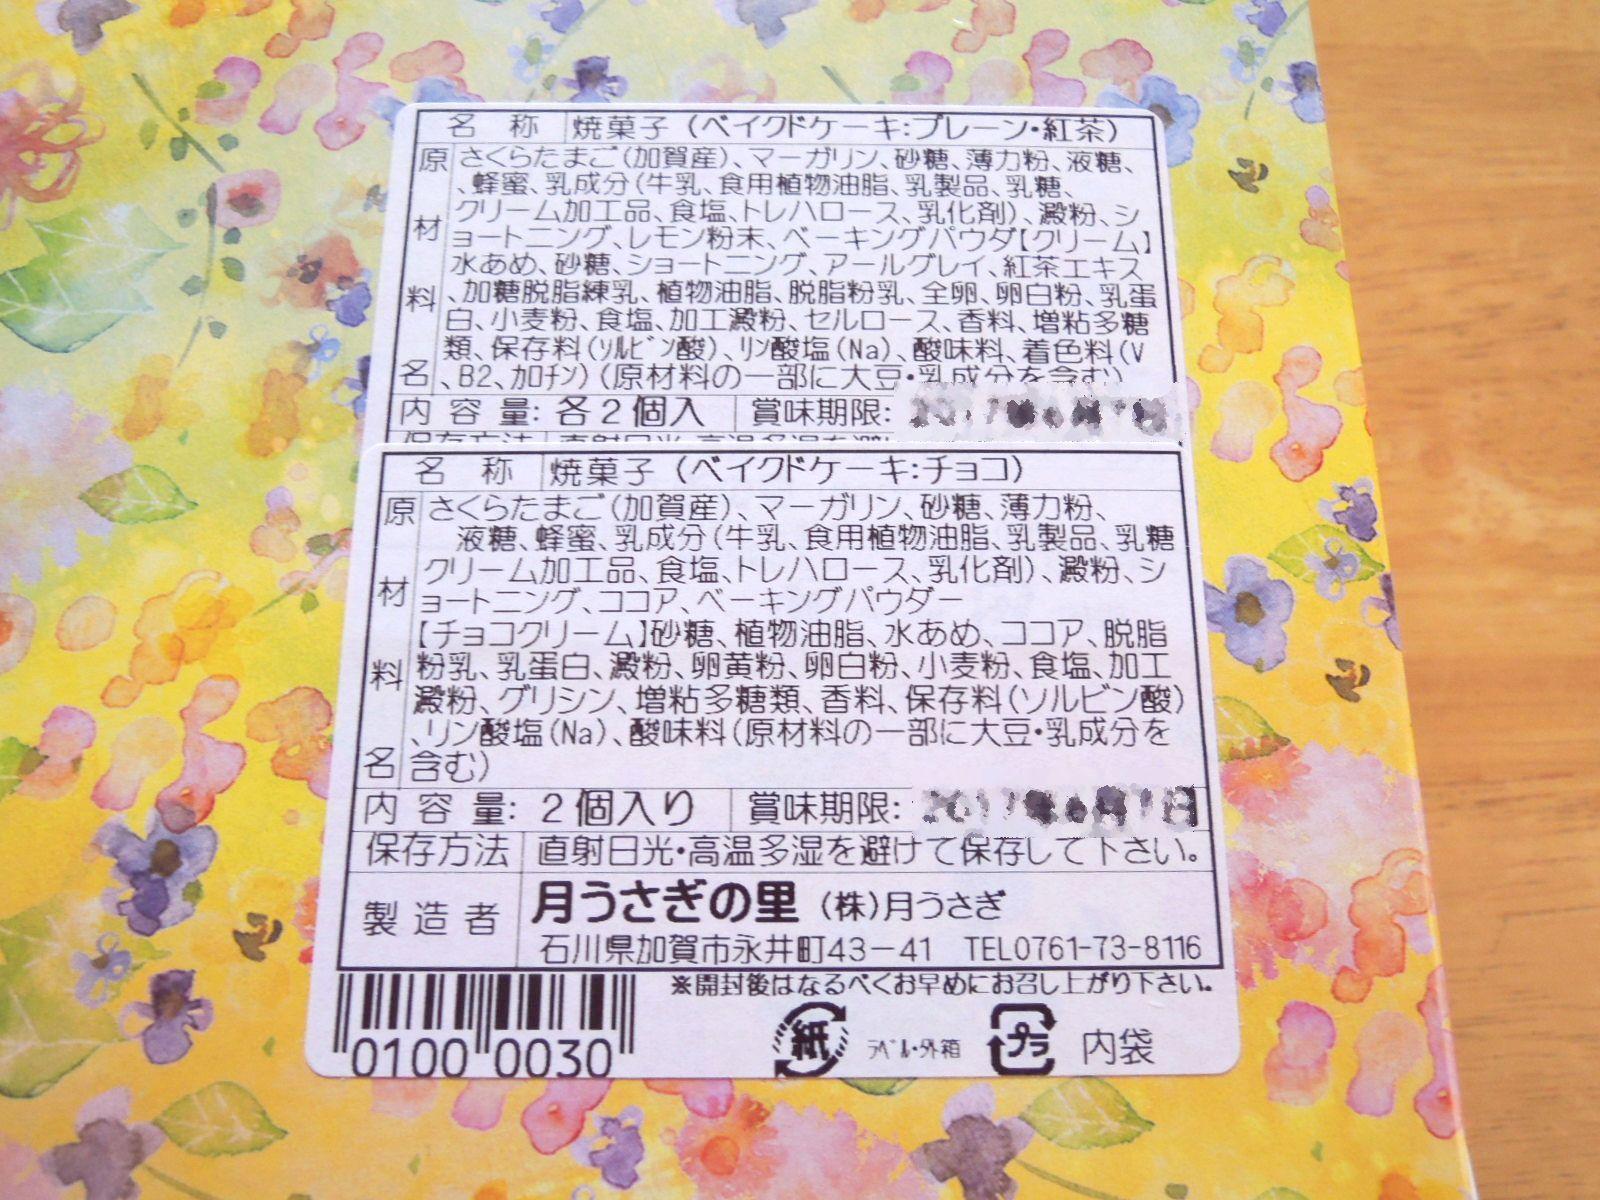 201708111953141f4.jpg